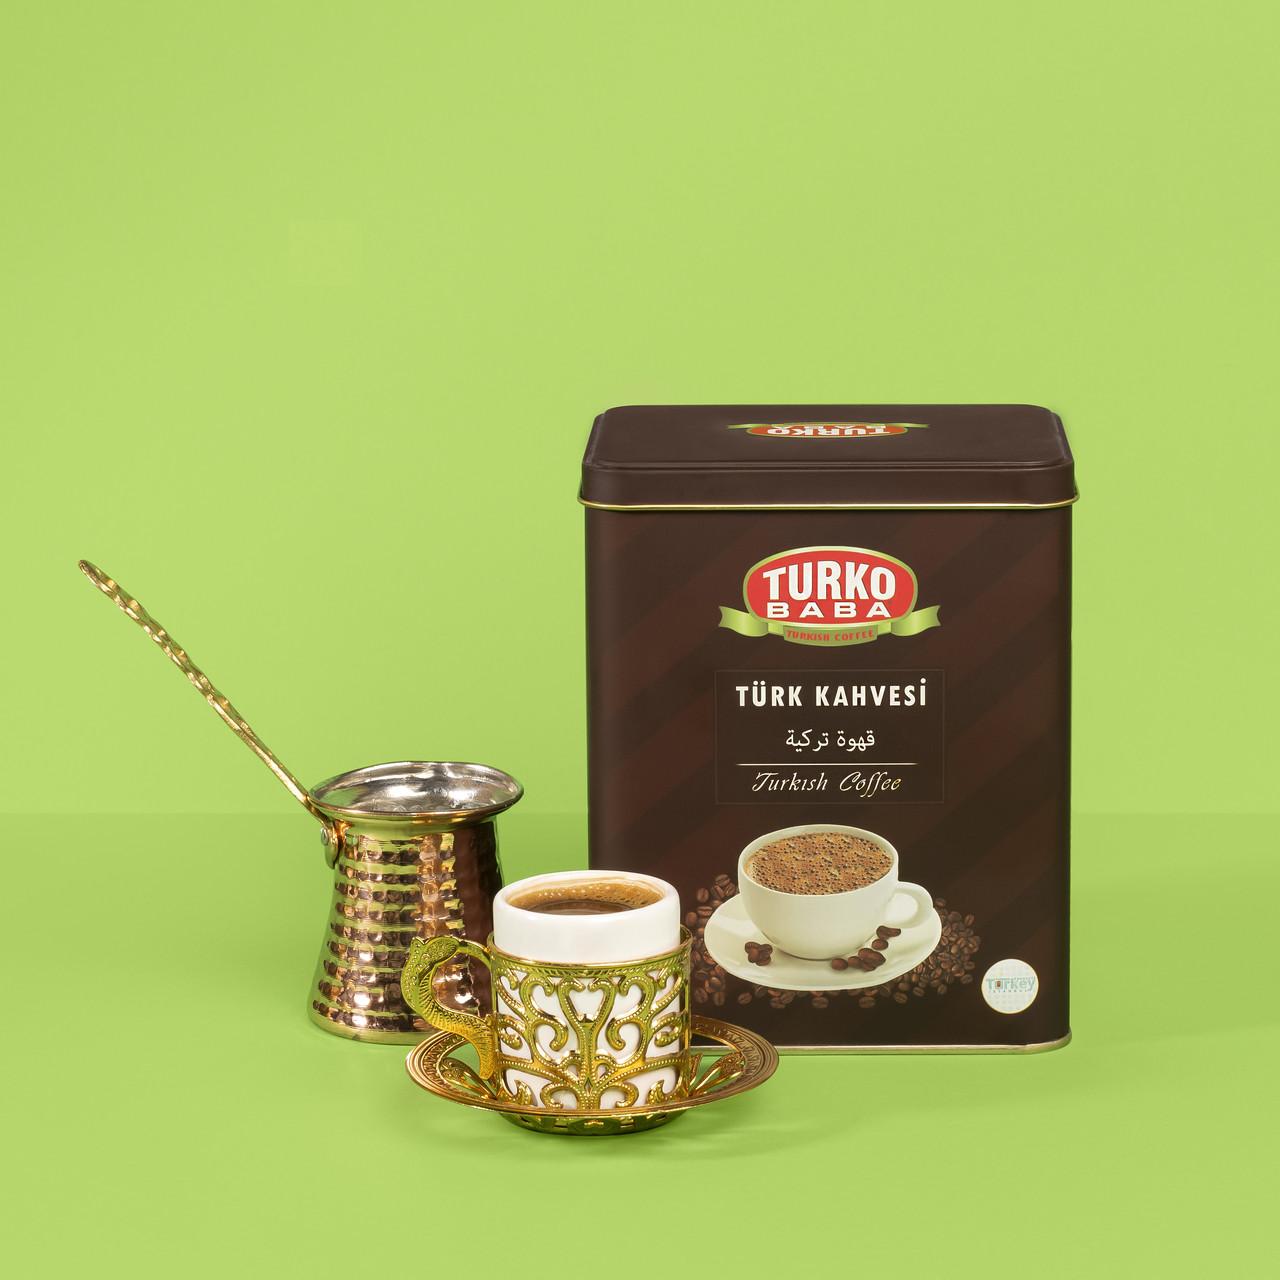 Турецький кави дрібного помелу для варіння турки TurkoBaba